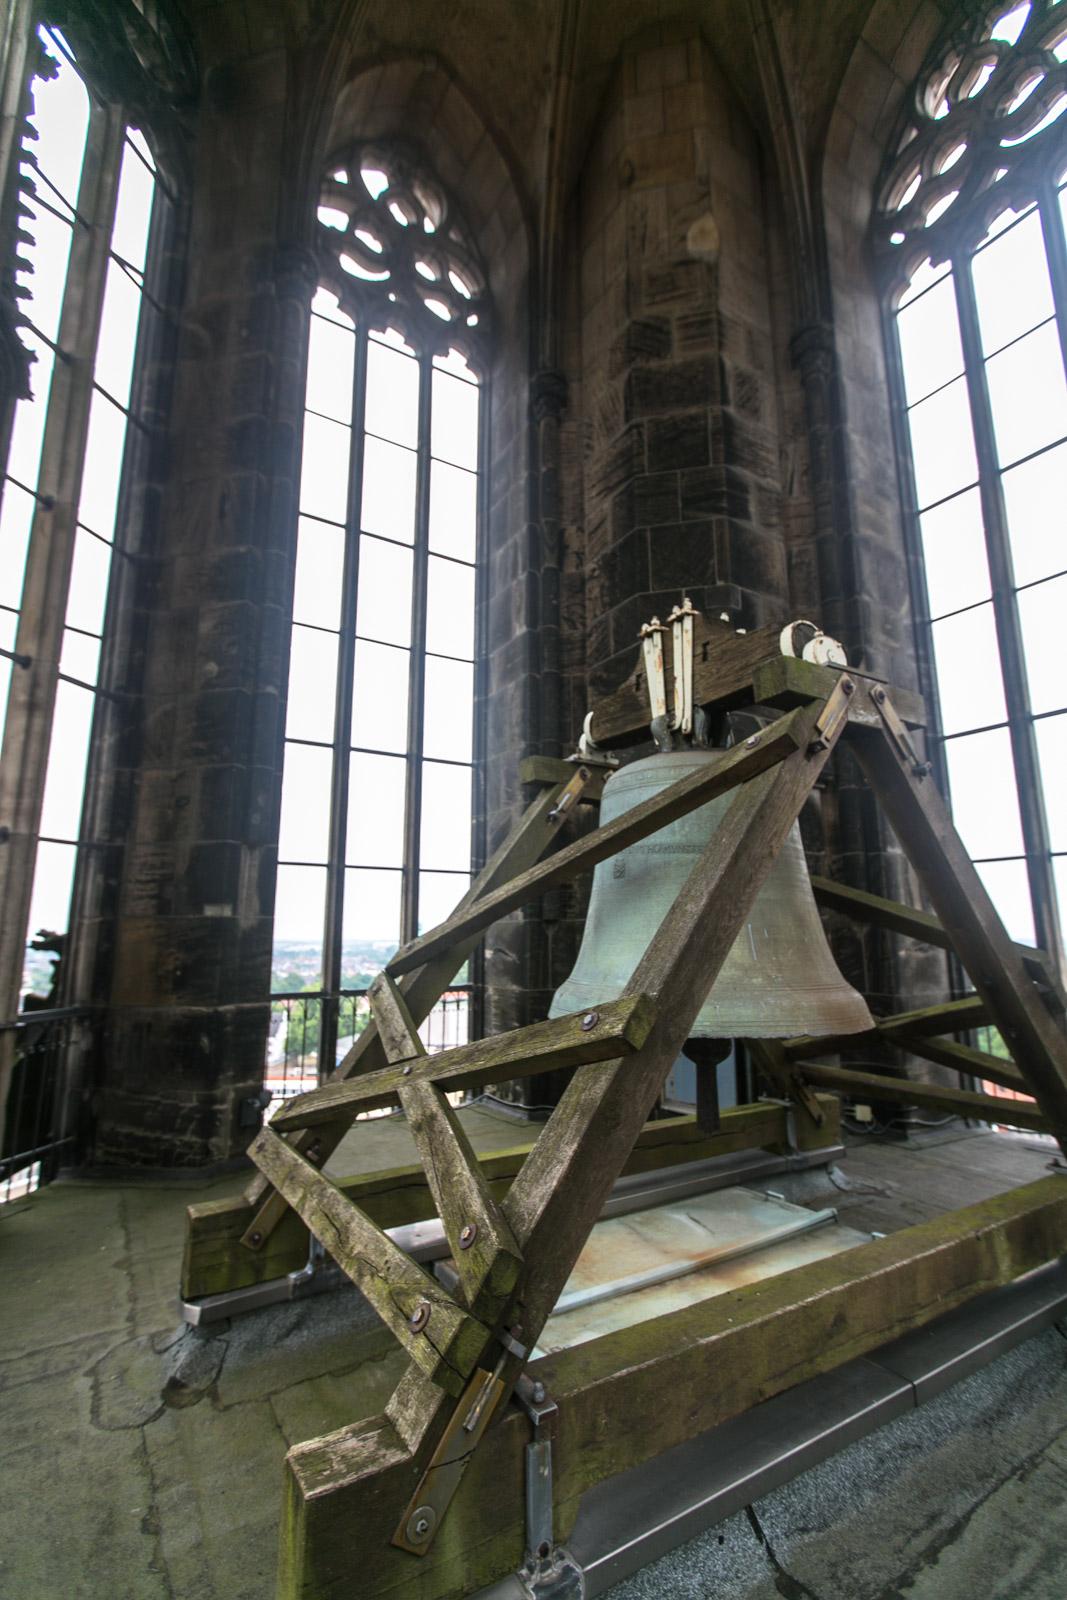 Mein Besuch bei der Türmerin in Münster, St. Lamberti, Traditionen, TurmbesichtigungMein Besuch bei der Türmerin in Münster, St. Lamberti, Traditionen, Turmbesichtigung